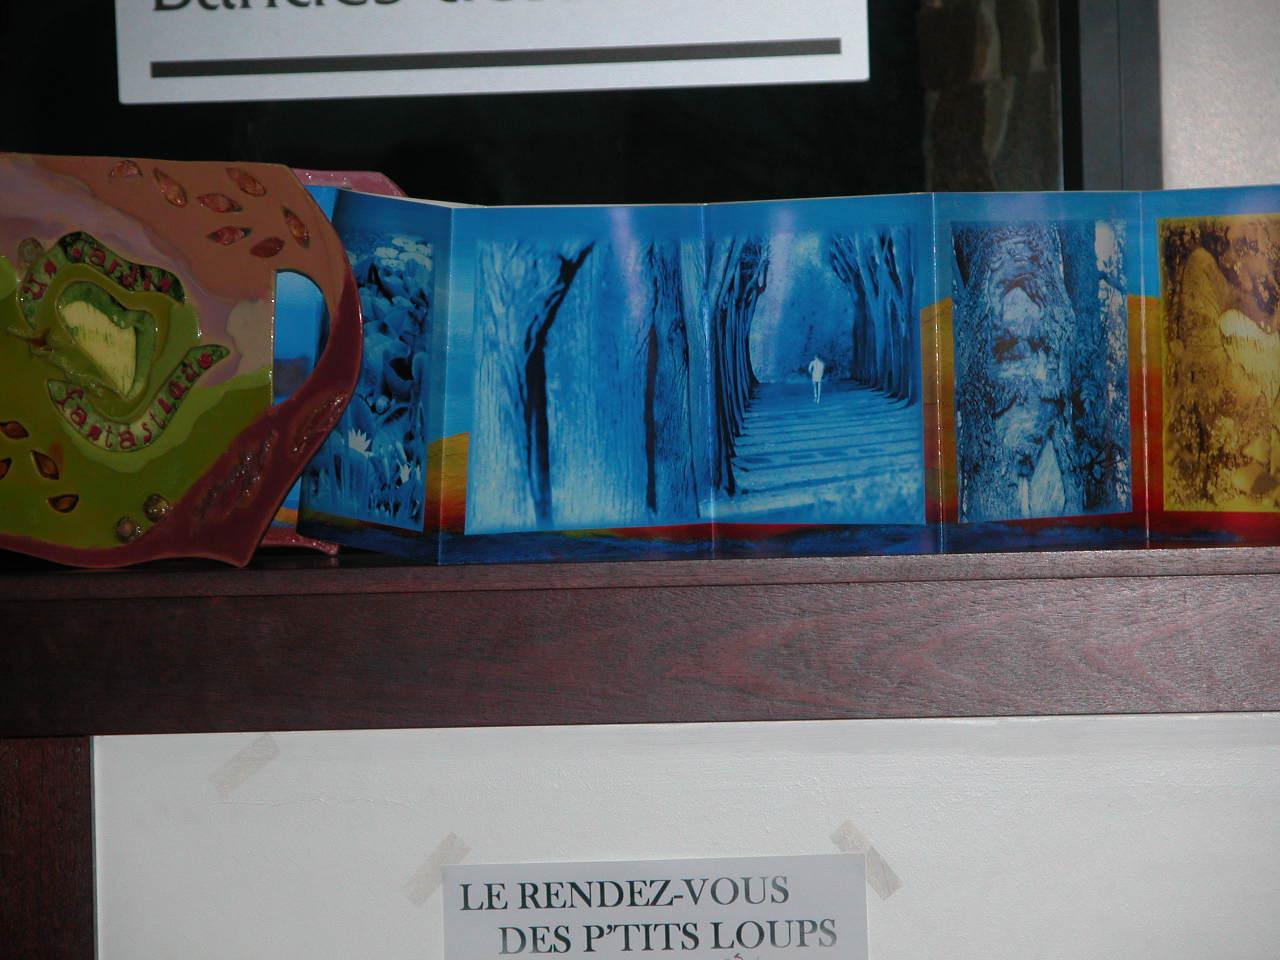 Livre Géant de 13 mètres  3( installation in Situ médiathèque )